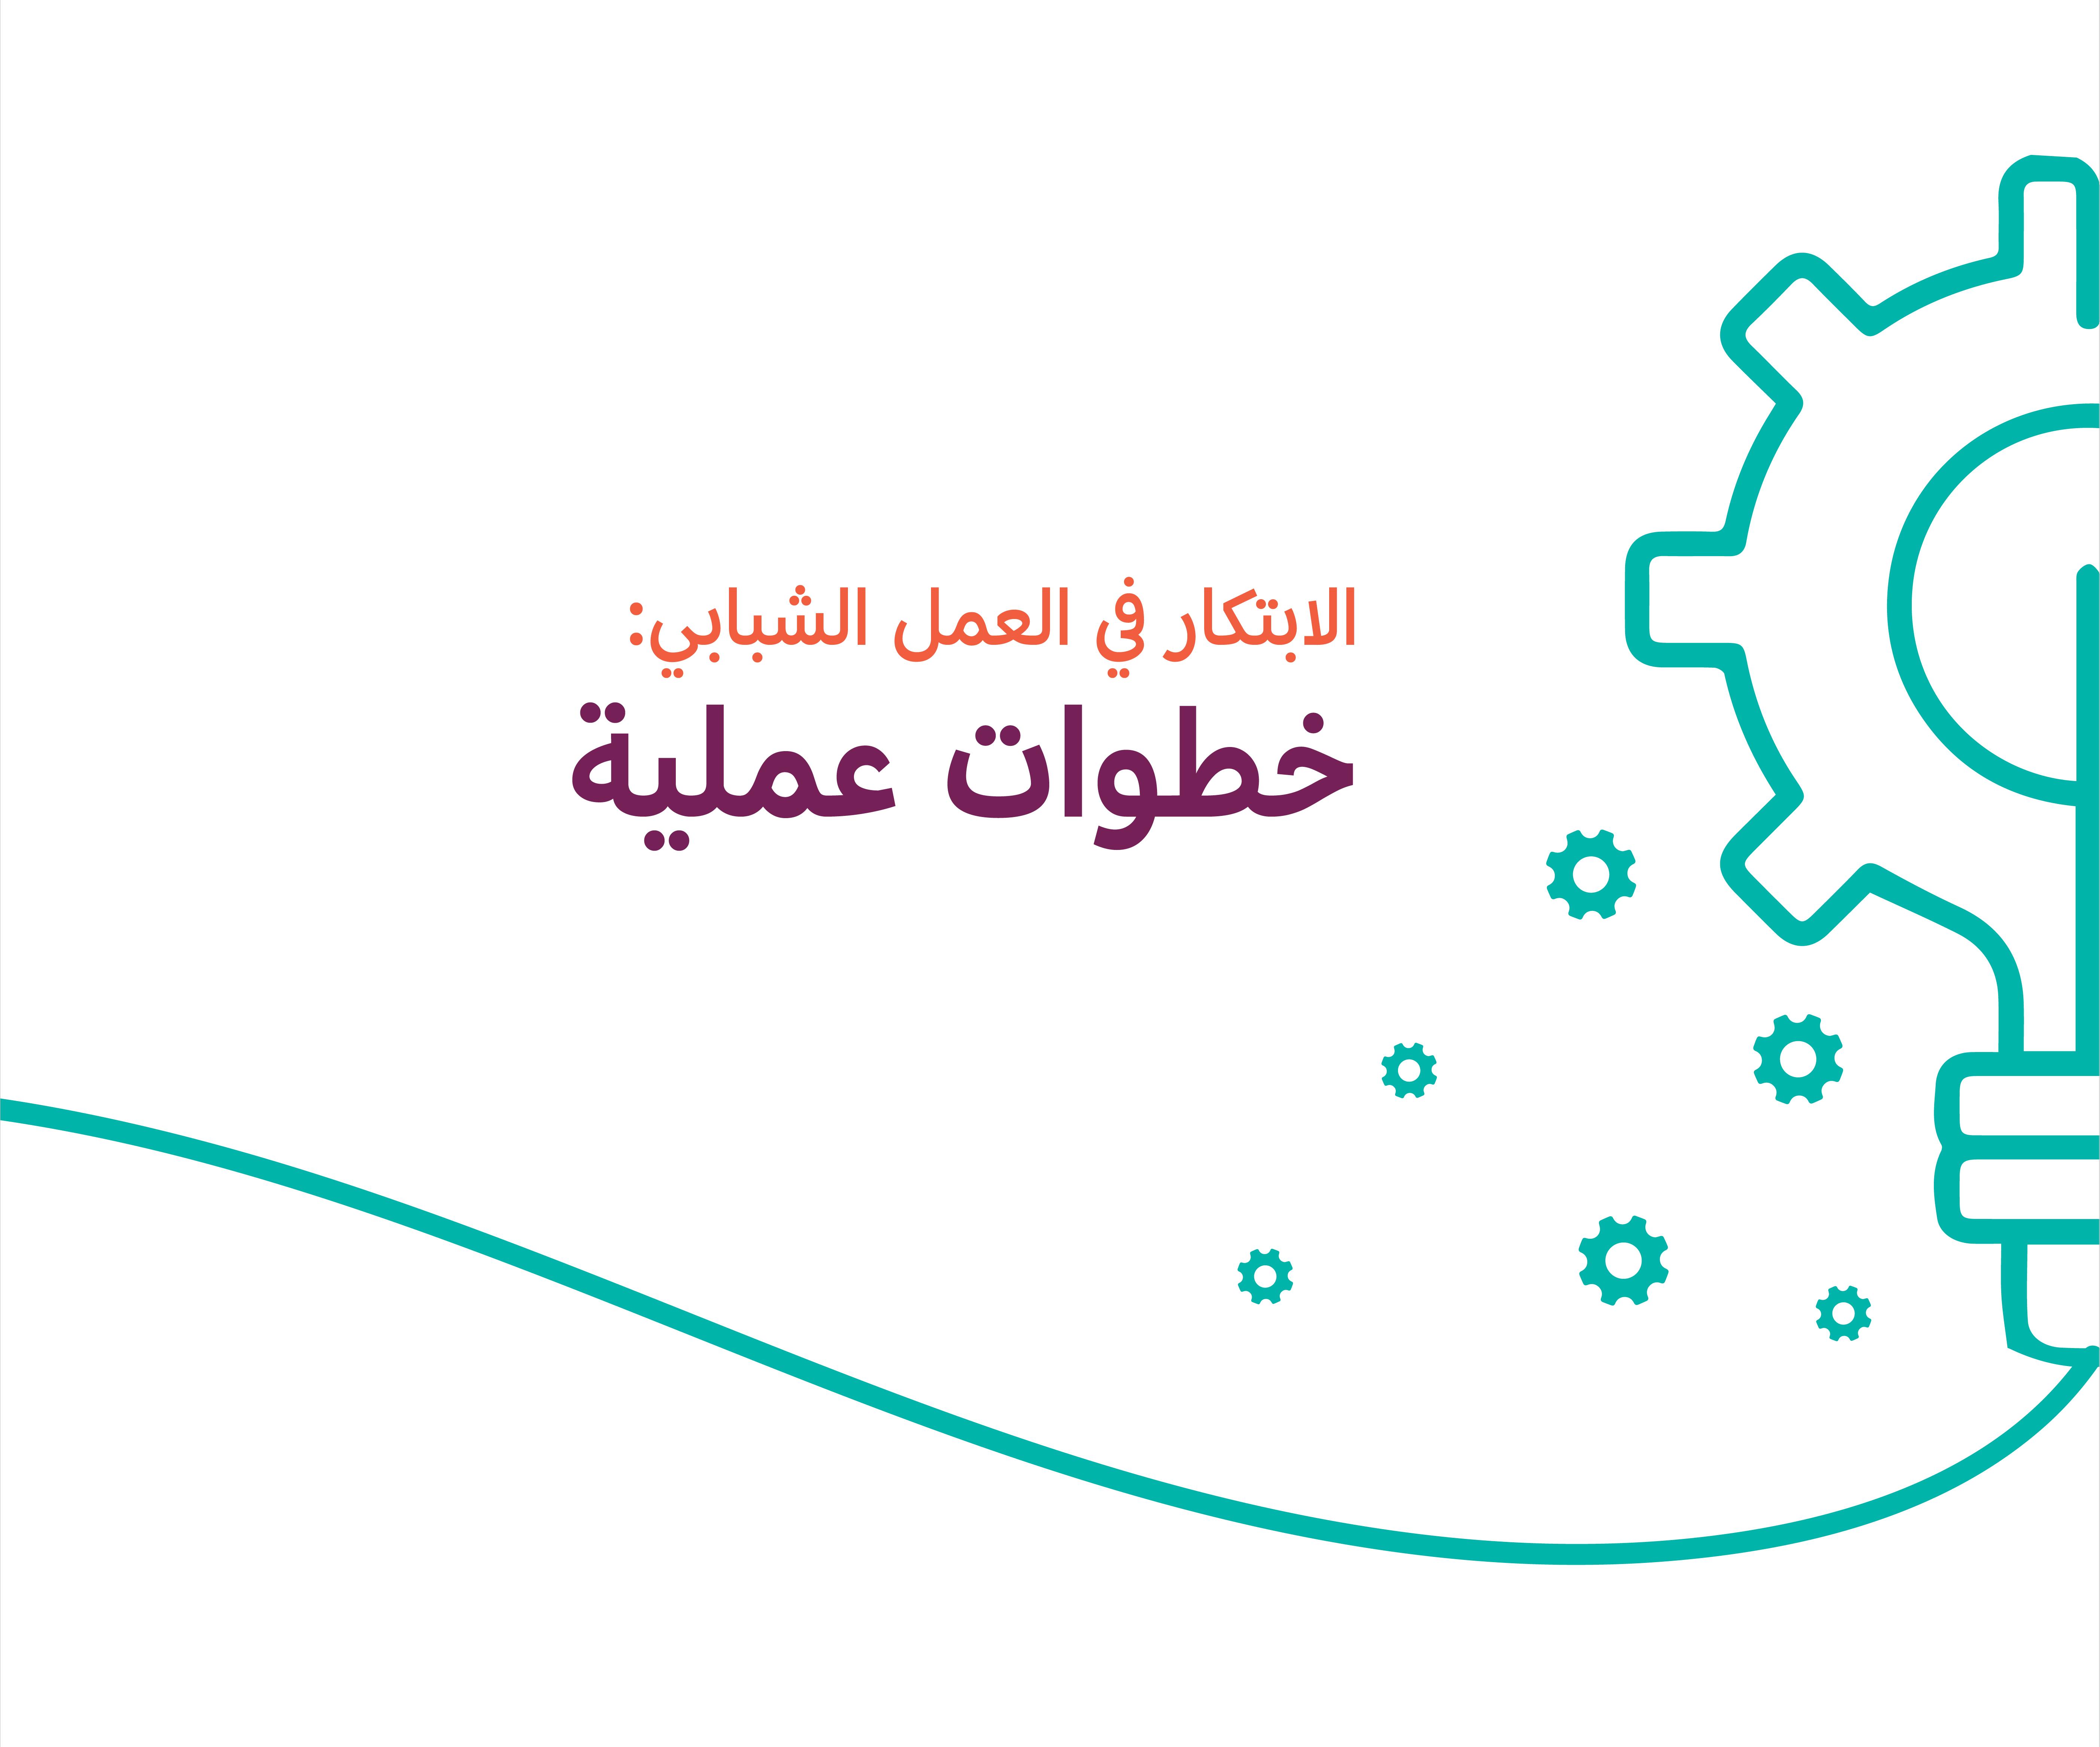 الابتكار في العمل الشبابي: خطوات عملية